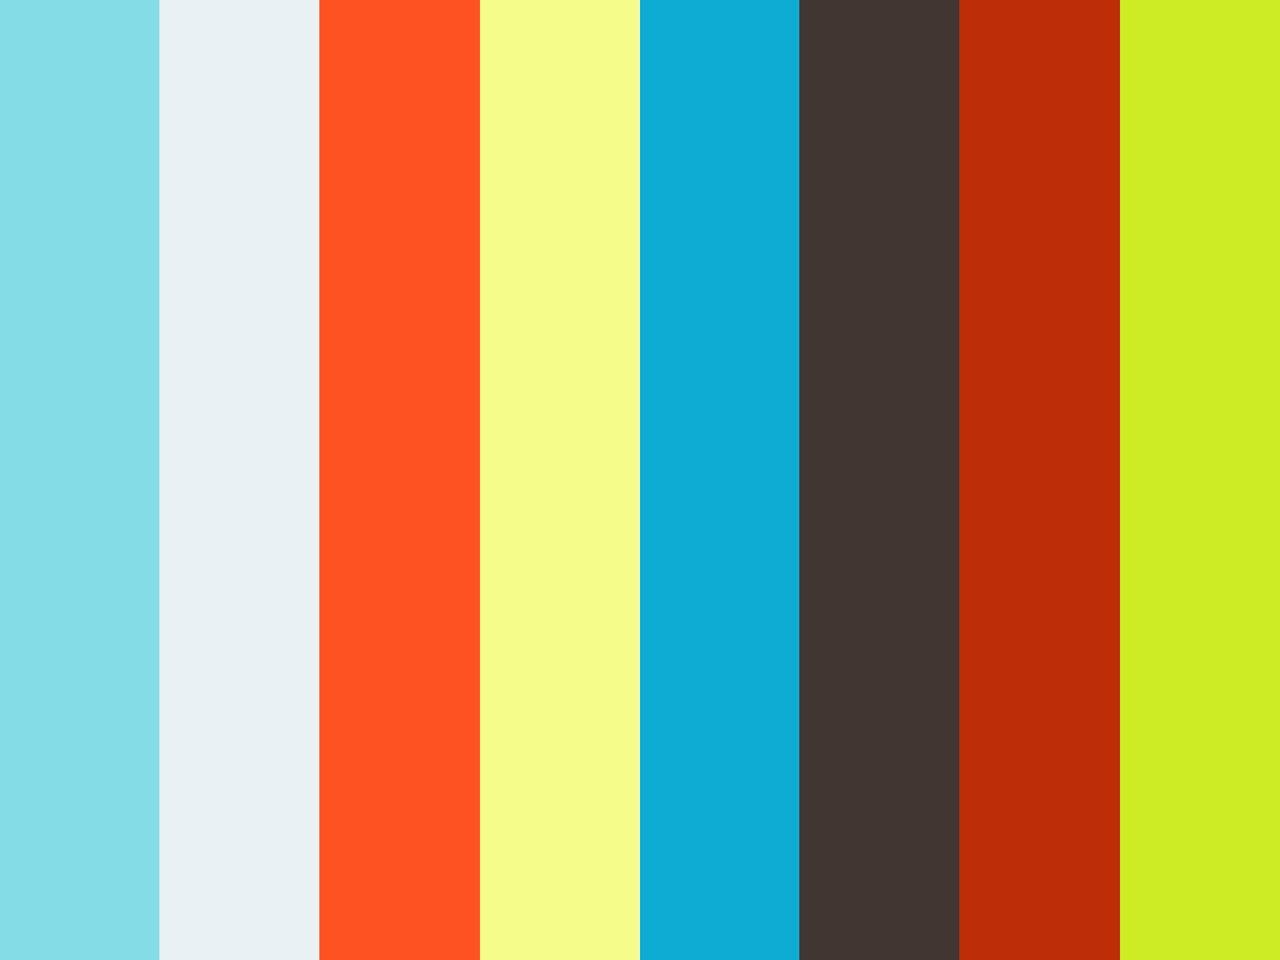 Znalezione obrazy dla zapytania repozytorium cyfrowe filmoteki narodowej logo